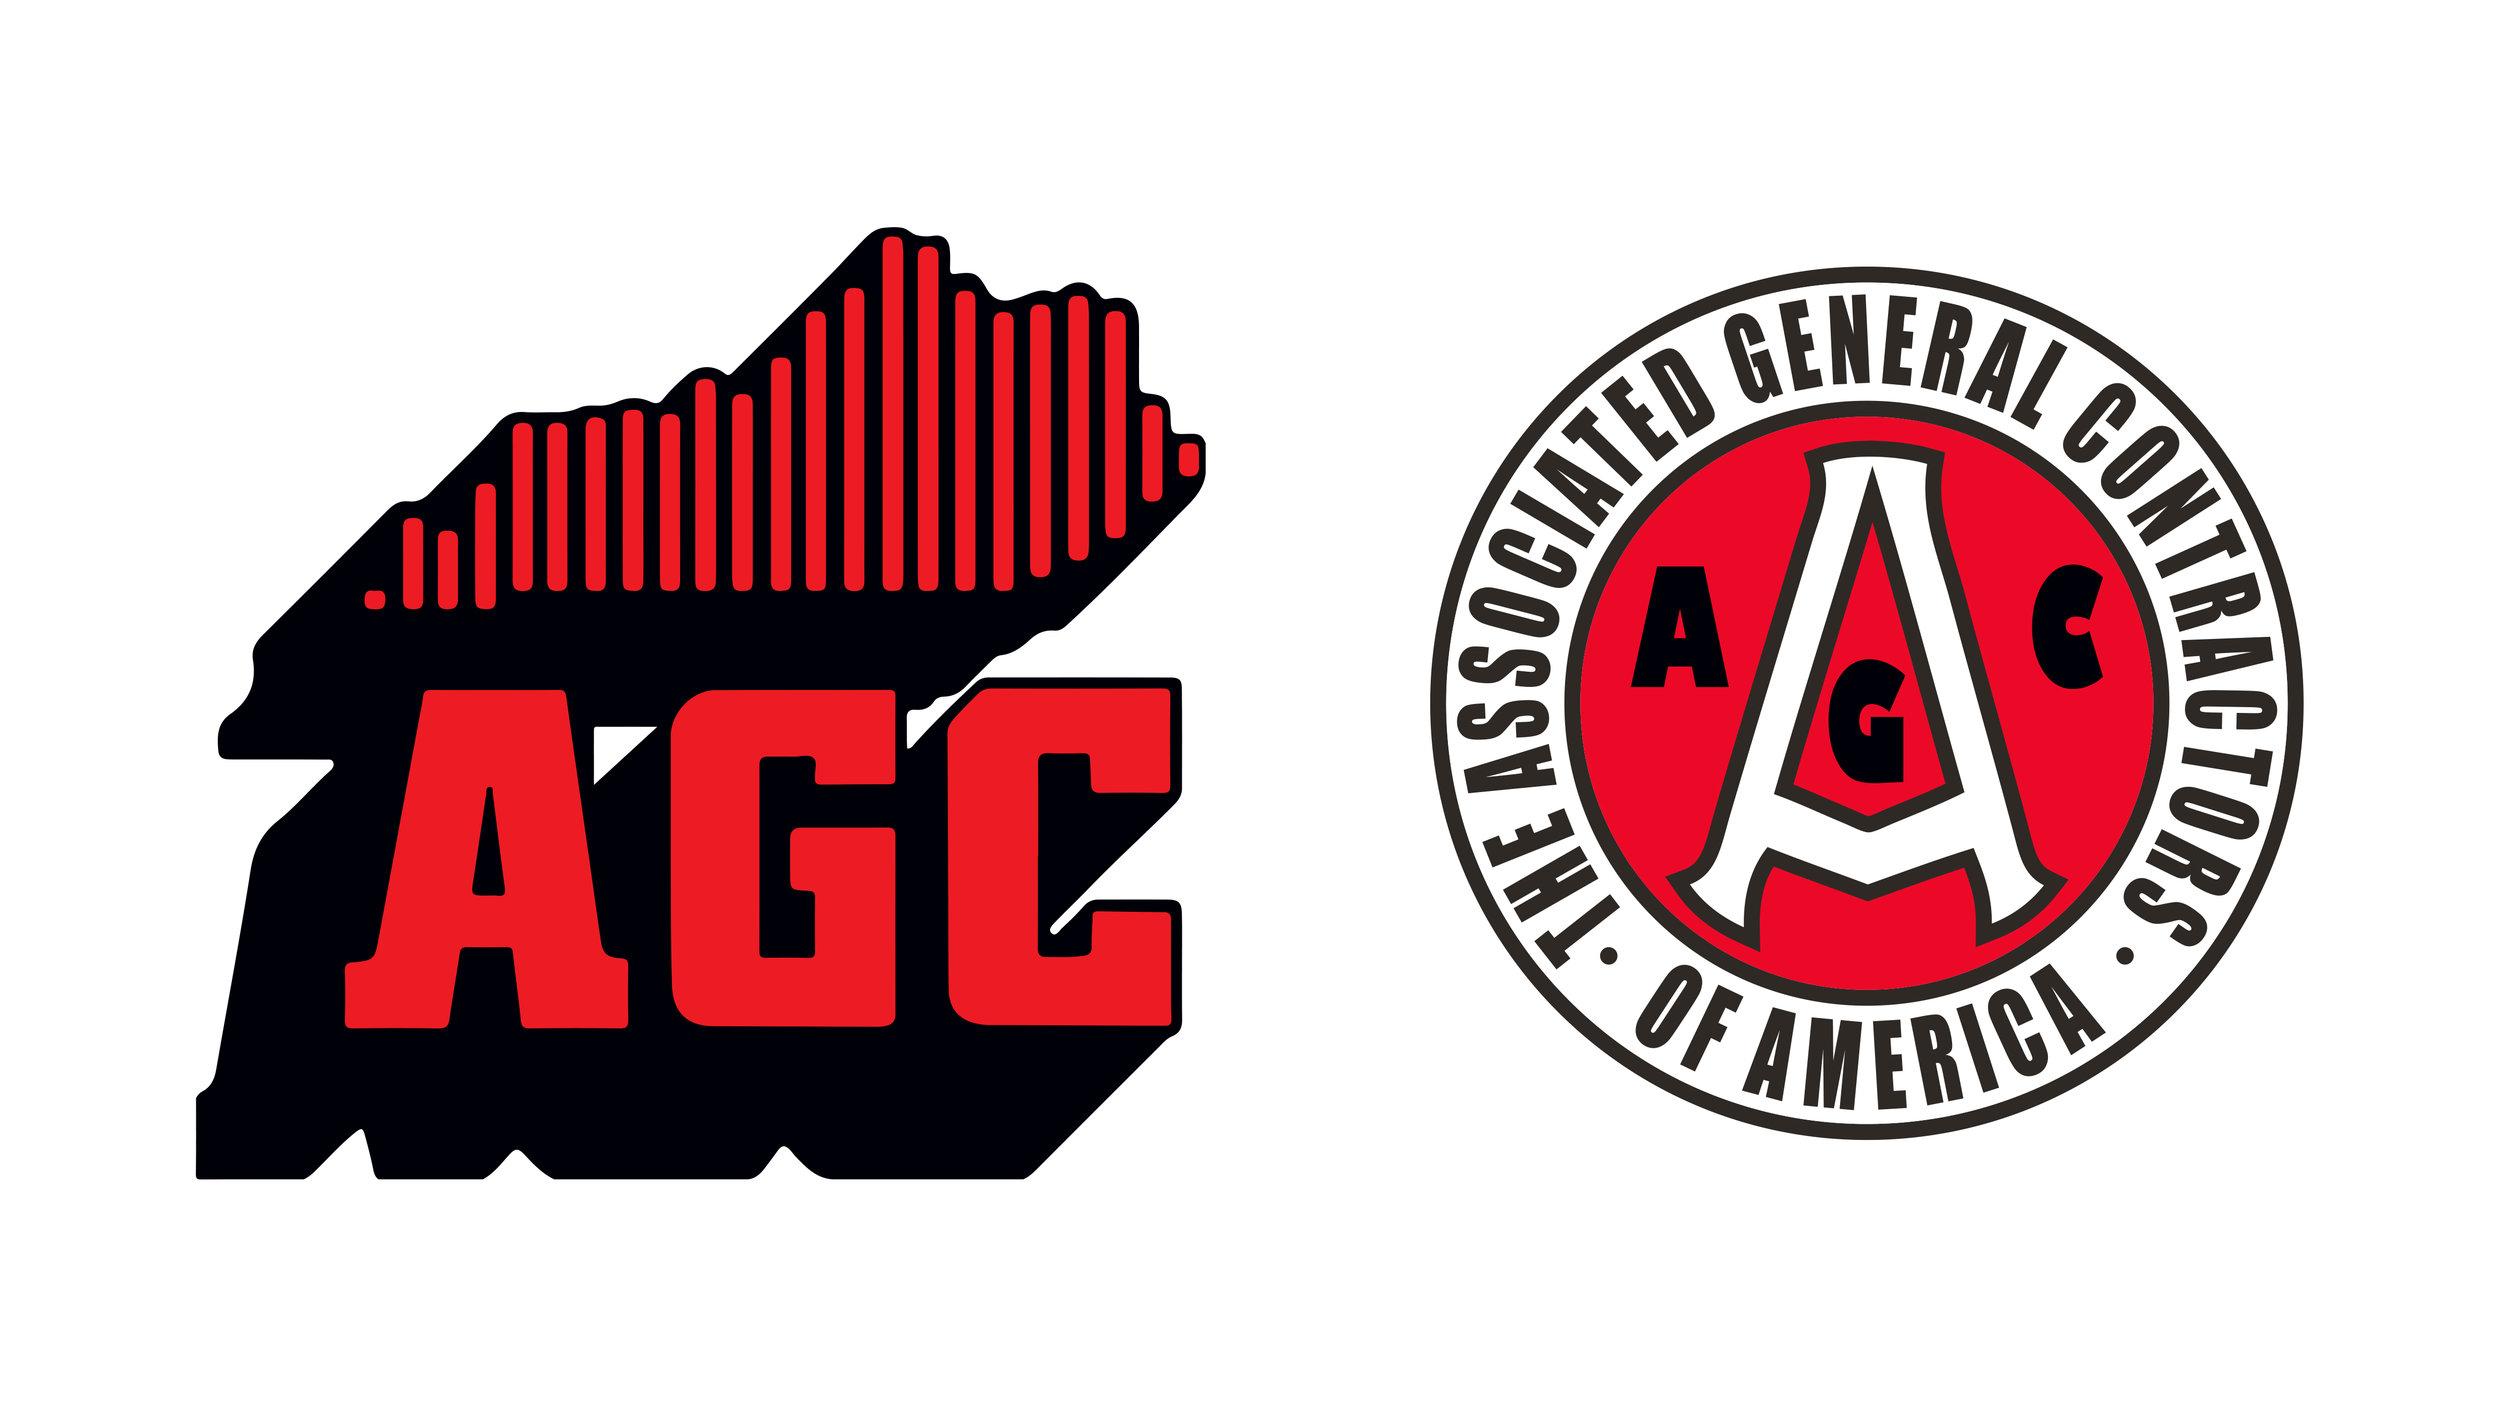 AGC_BothLogos.jpg